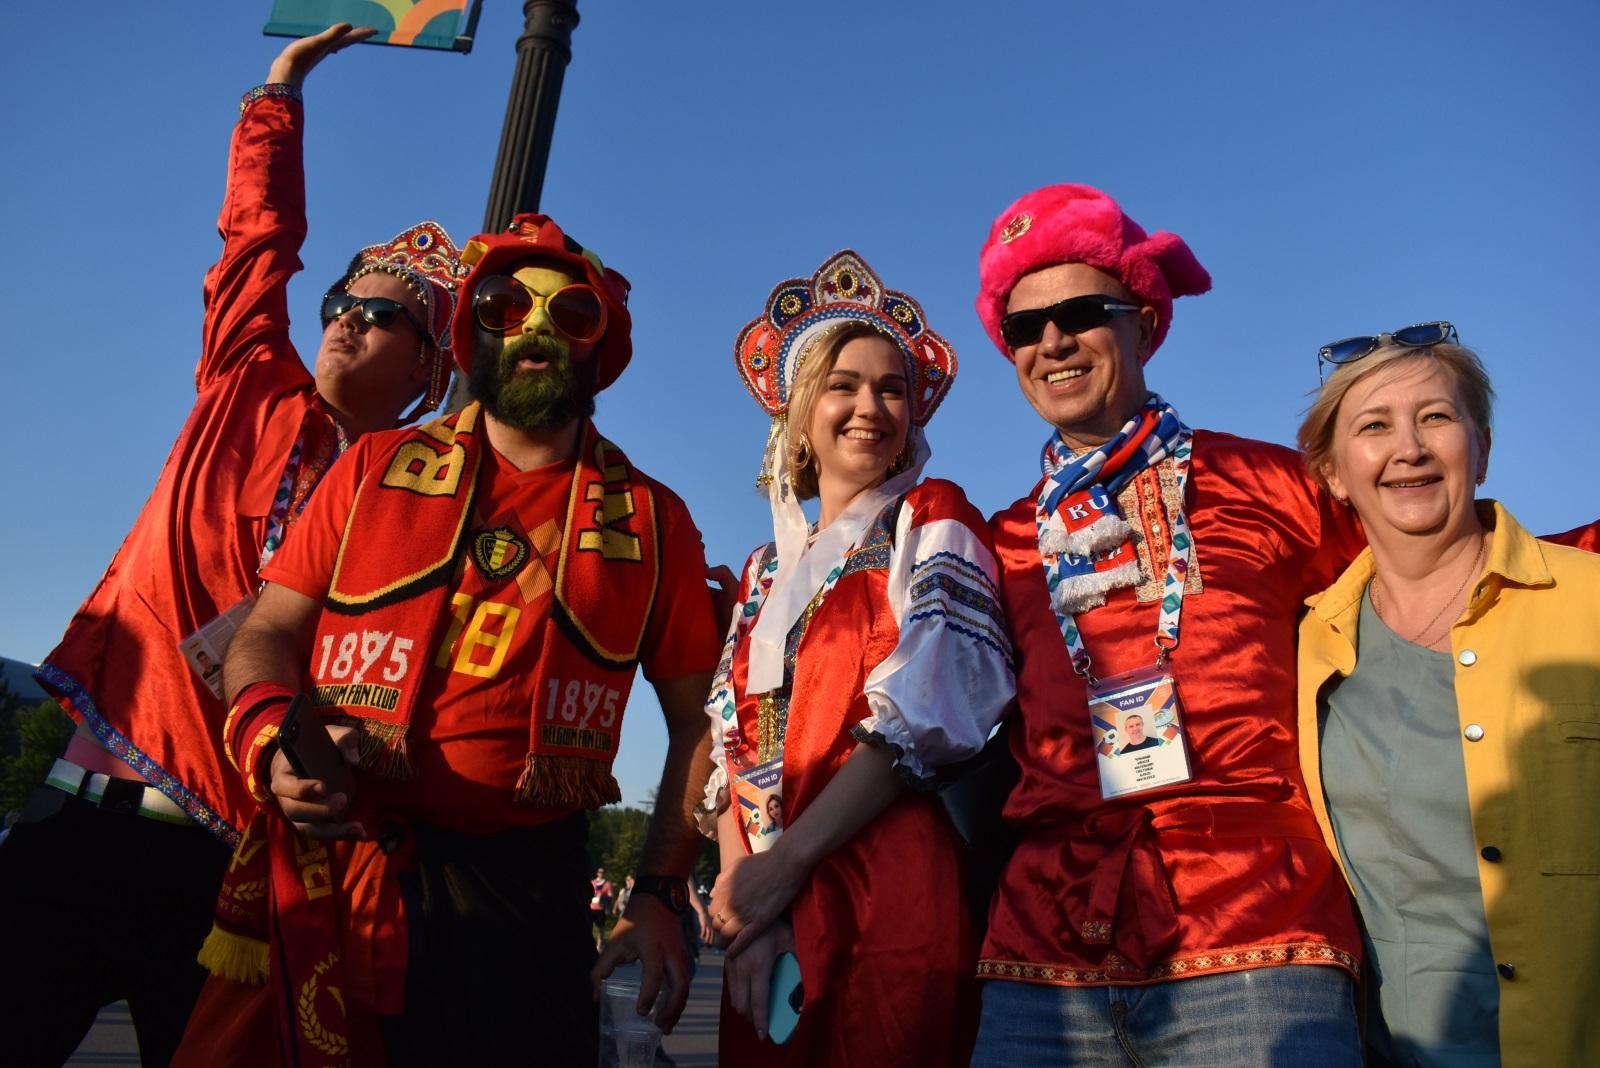 фанаты евро 2020. новости спорта. фотографии спорт. фото евро 2020